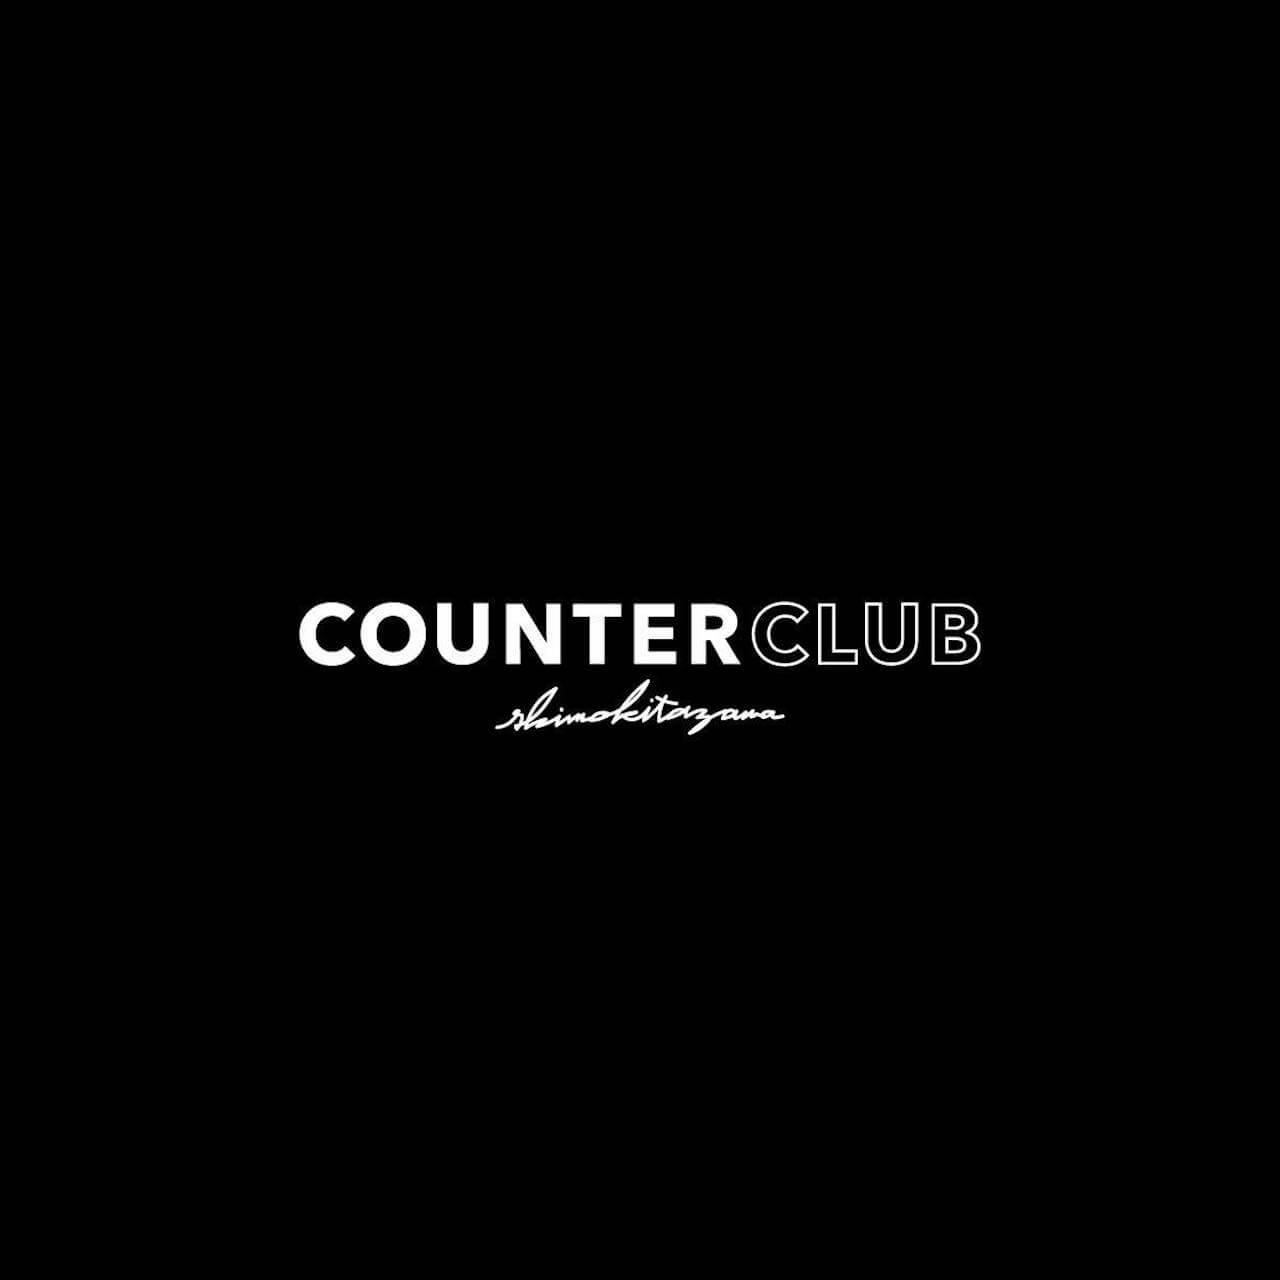 下北沢に新たなDJ BAR「COUNTER CLUB」が誕生|11月のオープニングパーティーにはDJ KOCO a.k.a. SHIMOKITAらが登場 music191018-counter-club-shimokitazawa-2